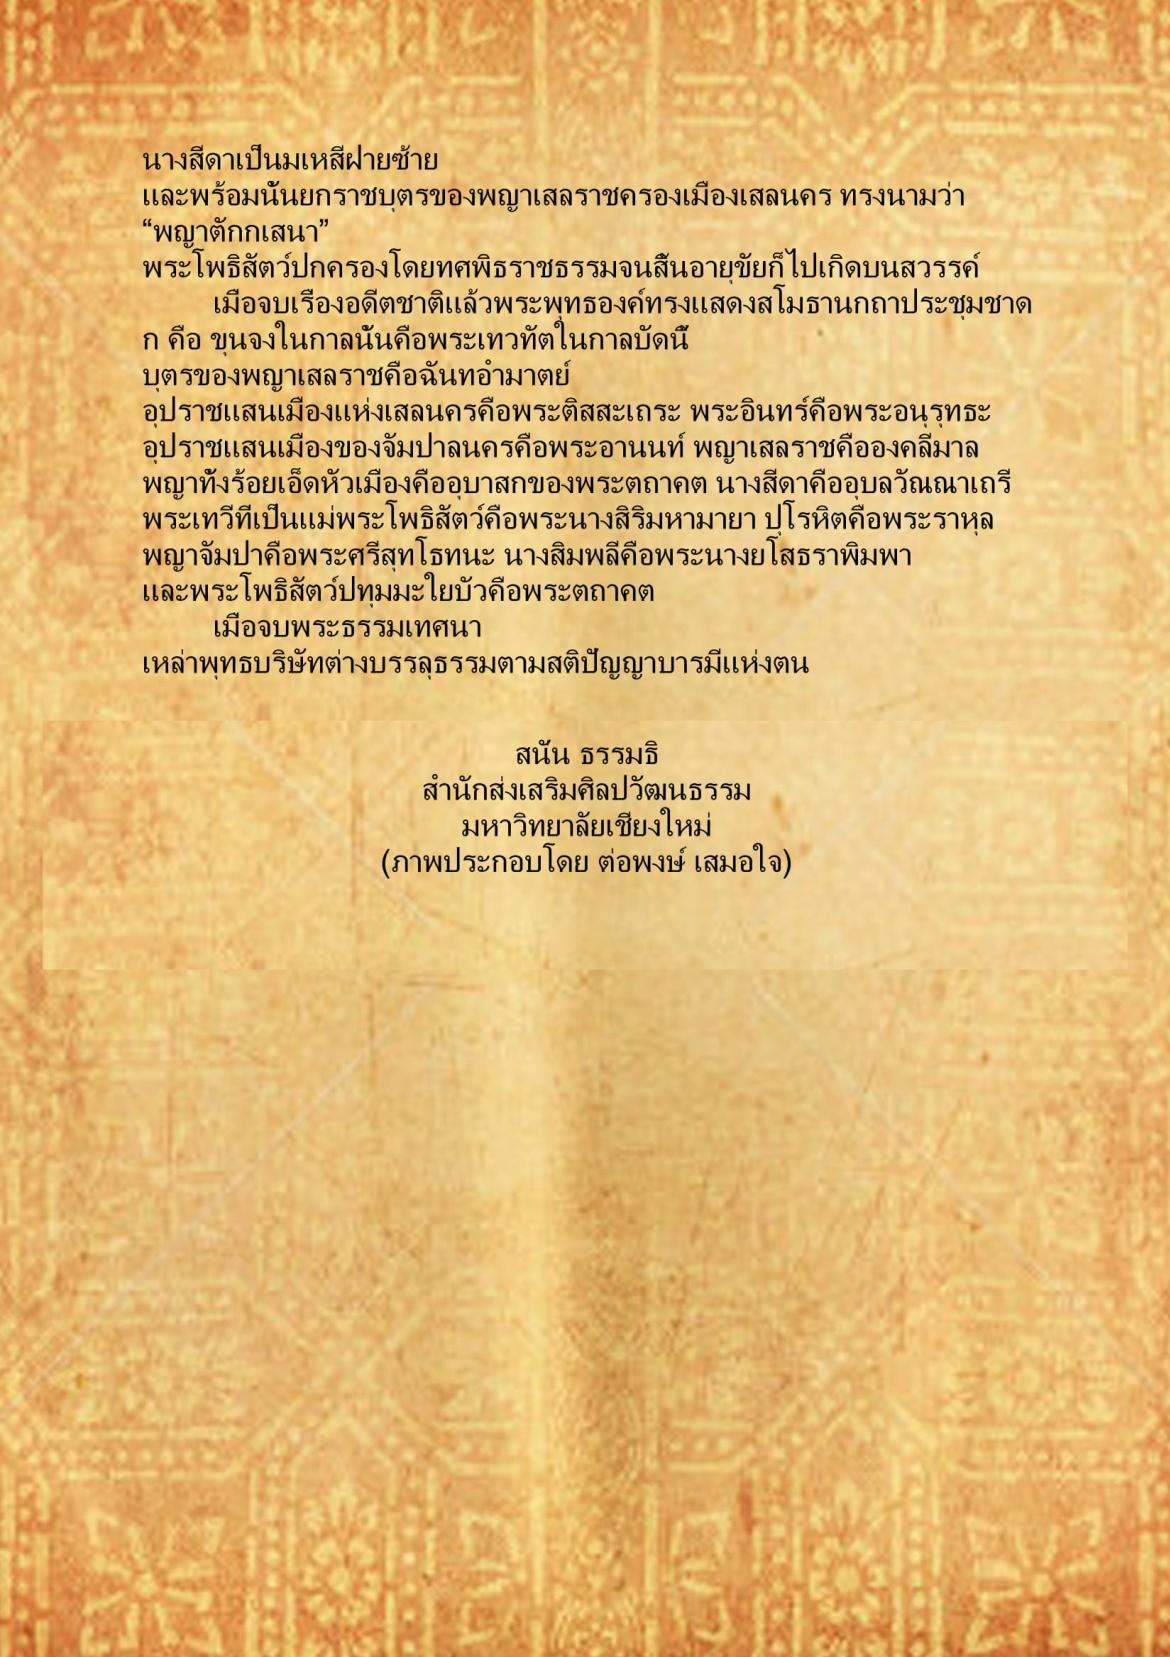 ปทุมมะใยบัว (2) - 14  มีนาคม  2559